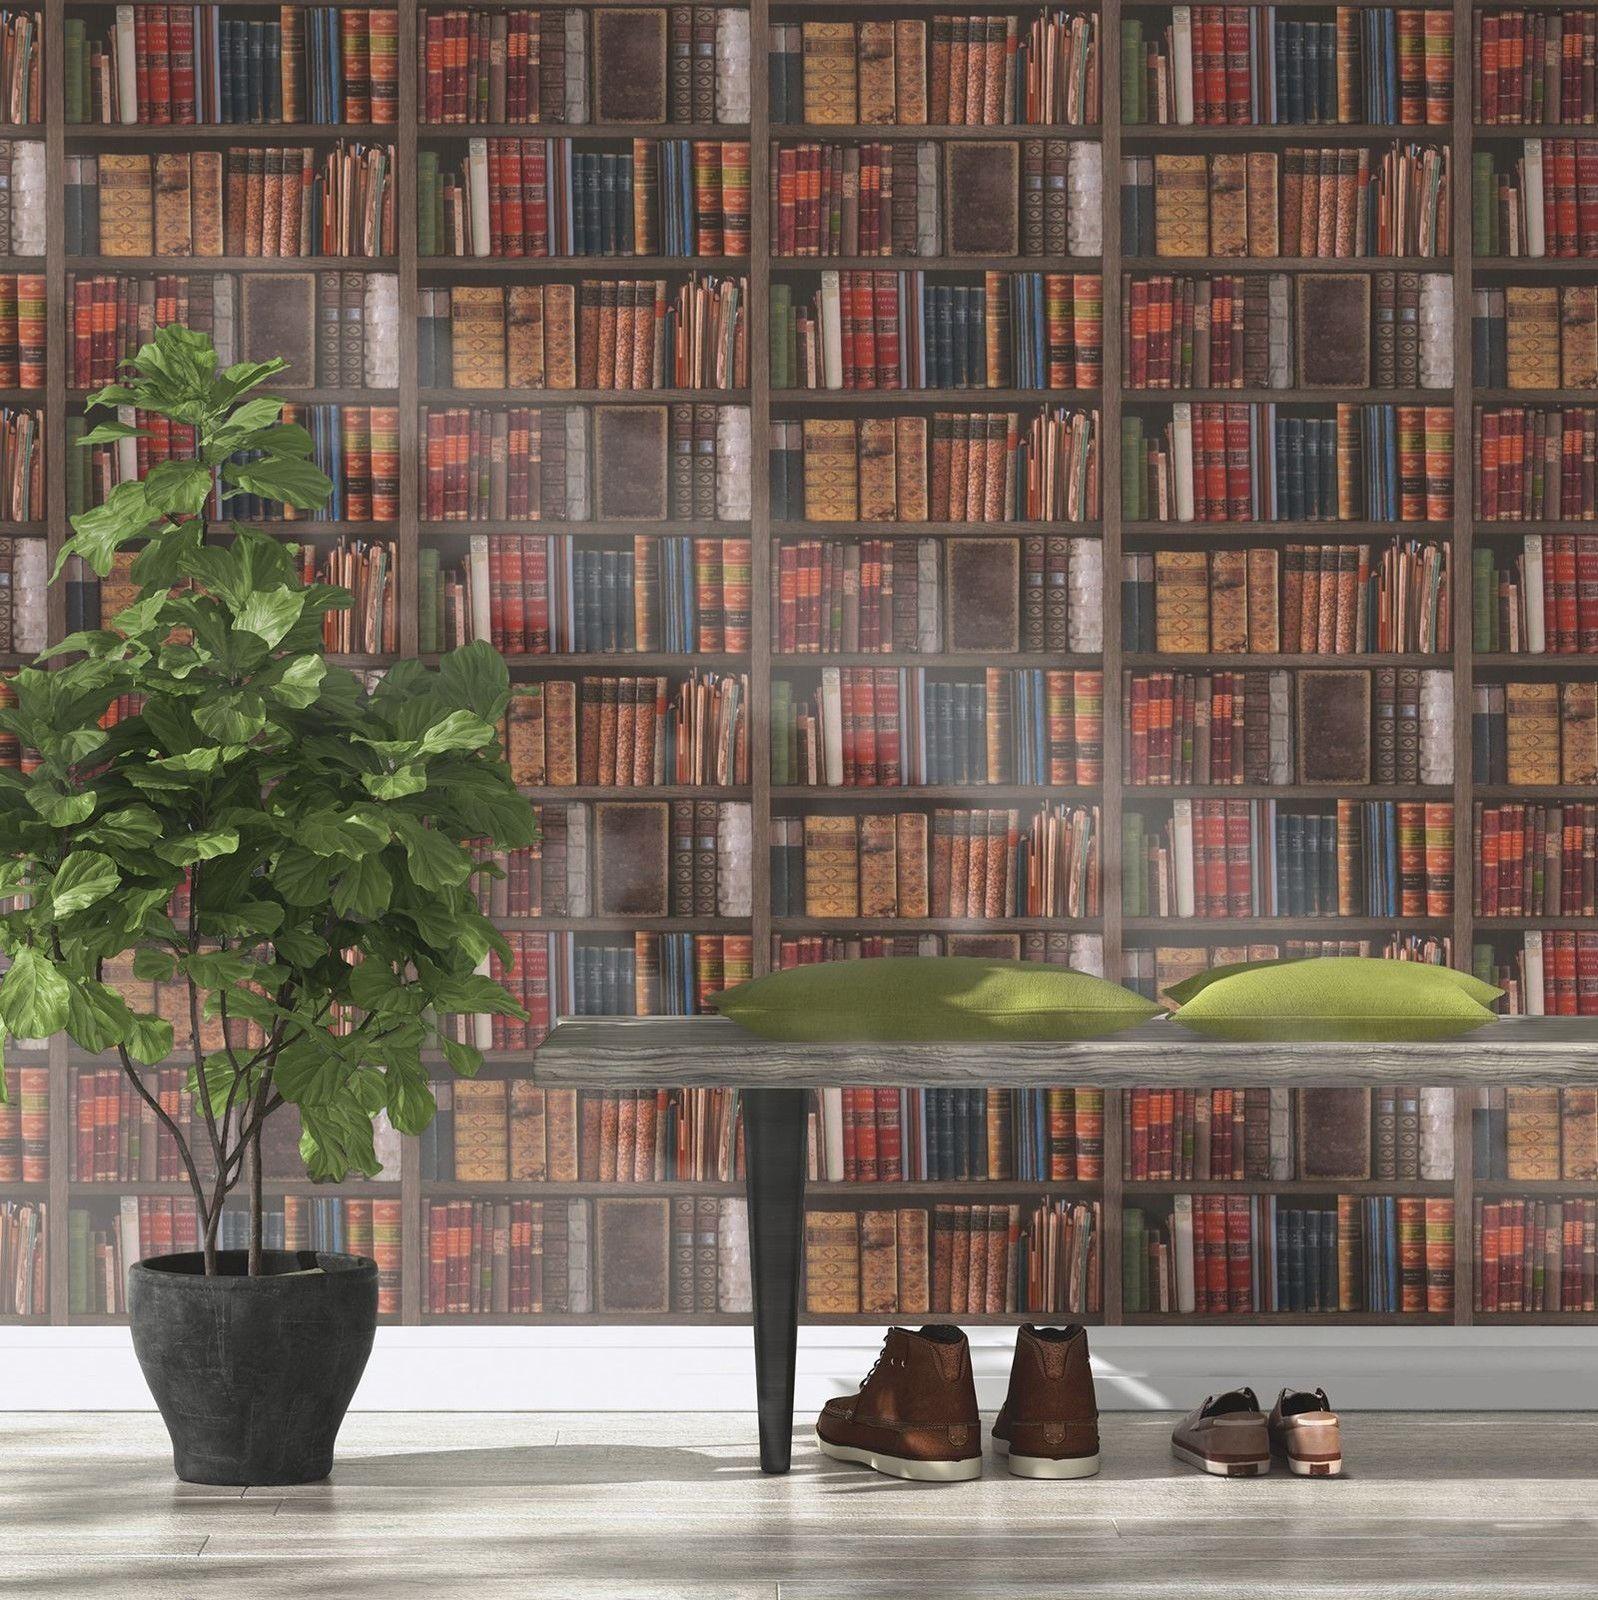 Tapete rasch luxus bibliothek b cherschrank vintage for Tapete nach hause